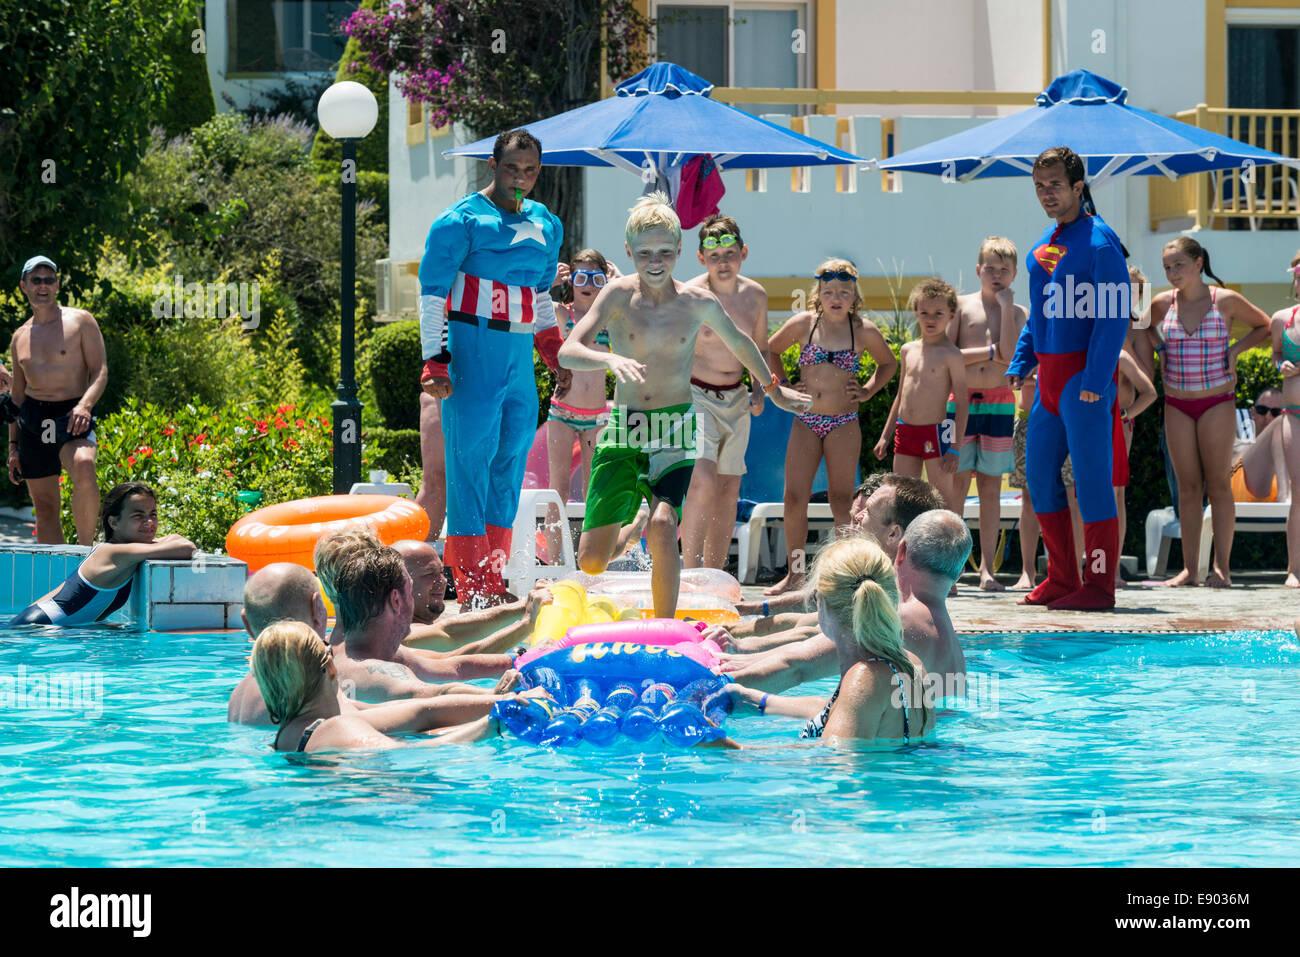 Urlaub-Entertainer und Kinder spielen eine Spiel in einem Schwimmbad, Mastichari, Kos, Griechenland Stockfoto